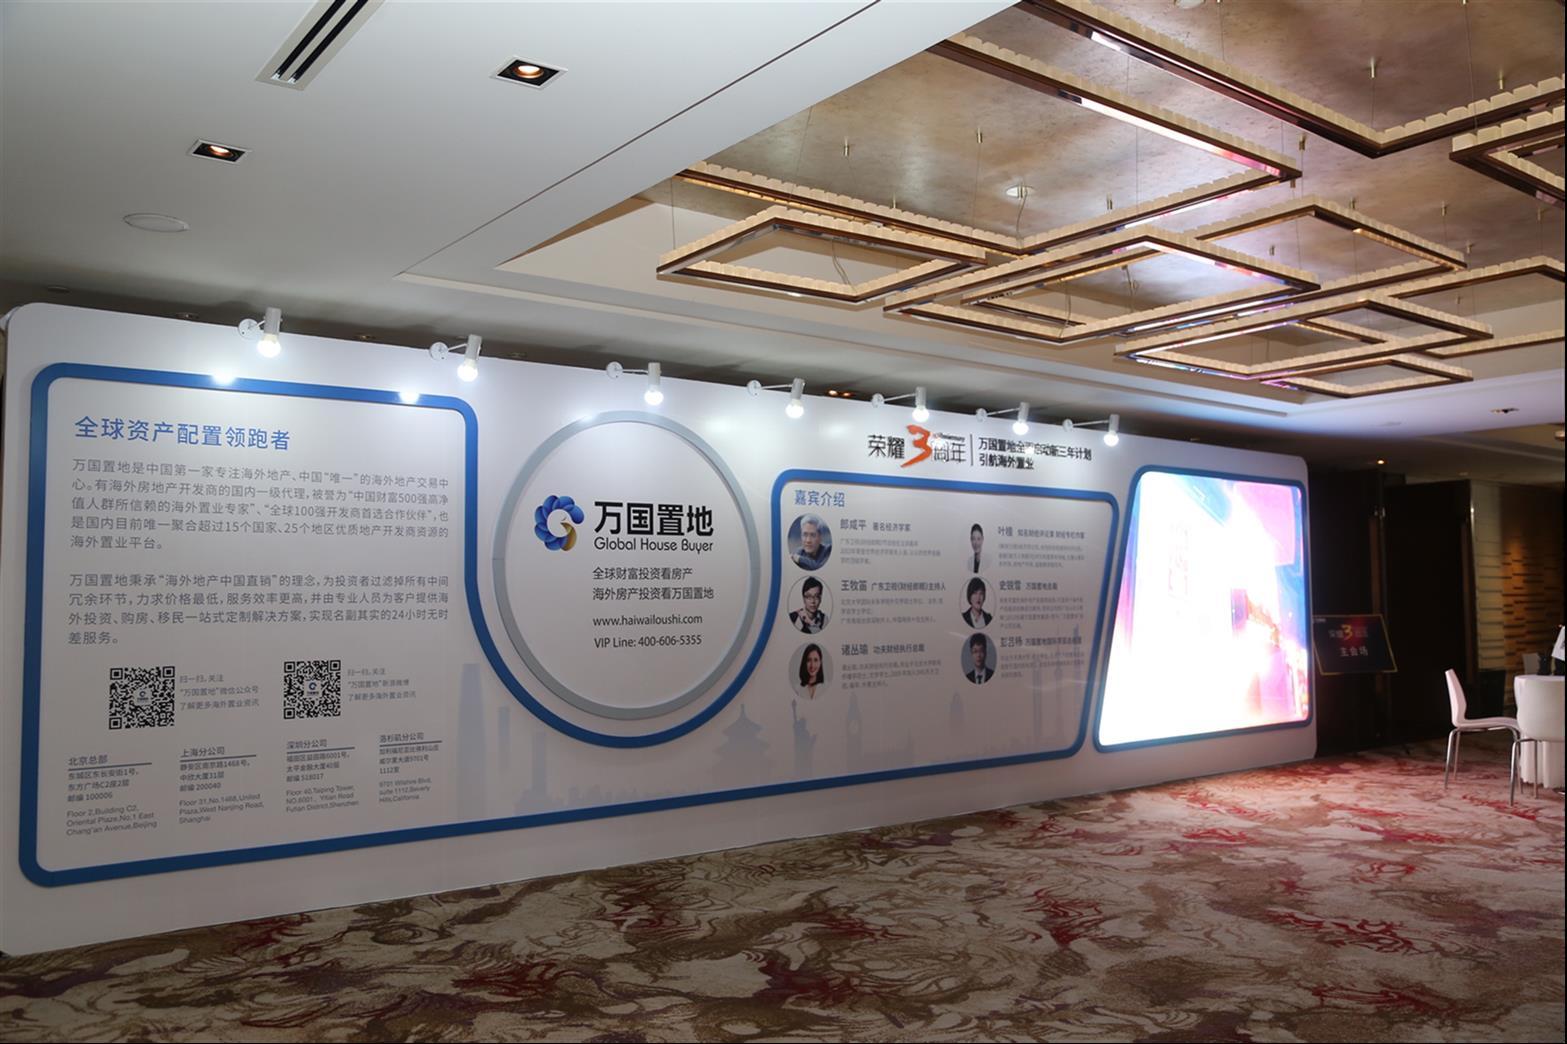 上海开业庆典桁架租赁公司前五名